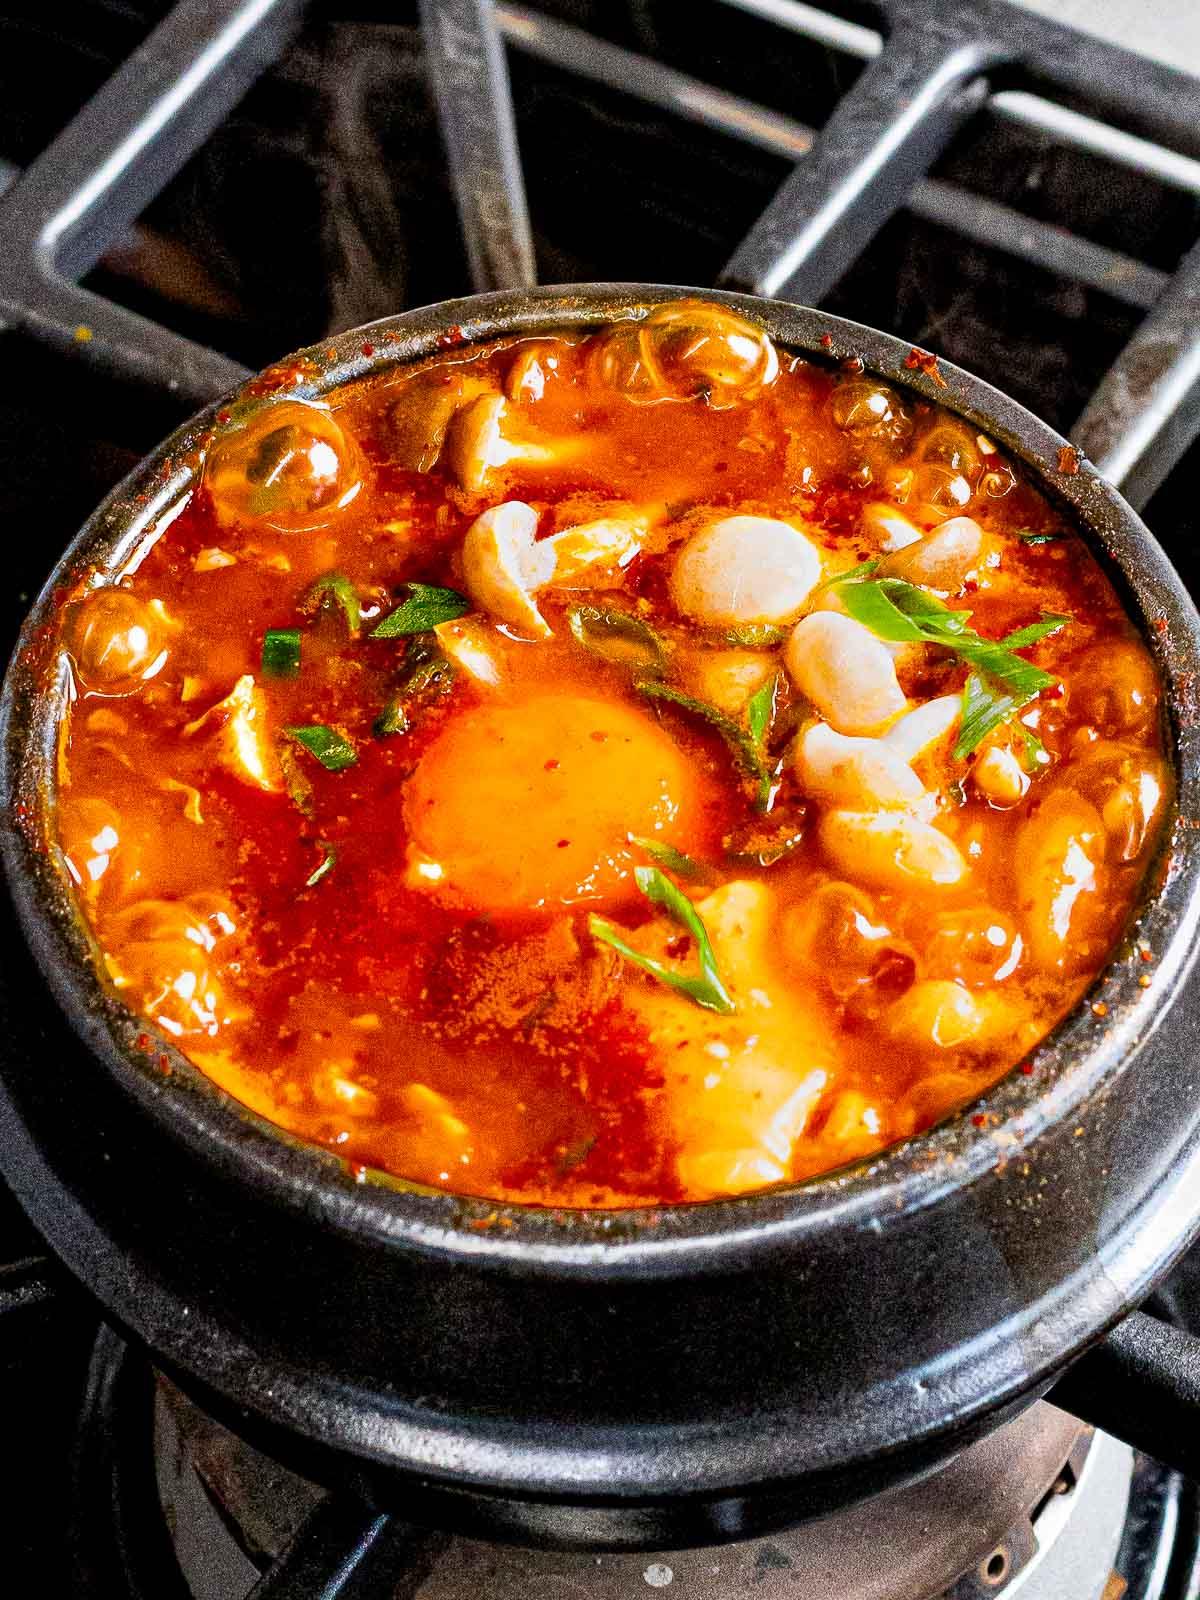 Soondubu jiggae (spicy Korean soft tofu soup) with mushrooms, egg, and green onions.